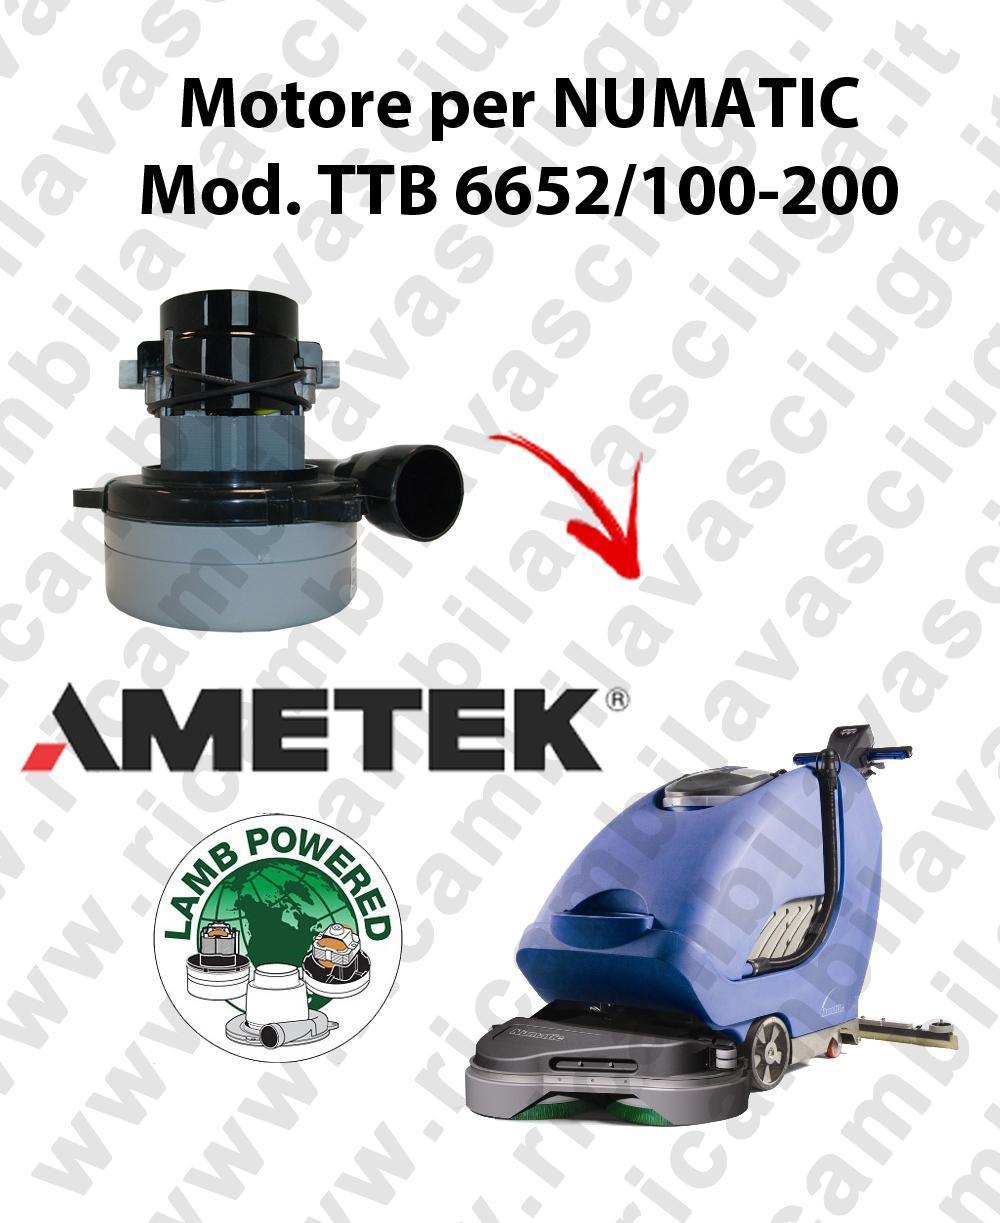 TTB 6652/100-200 moteur aspiration AMETEK autolaveuses NUMATIC